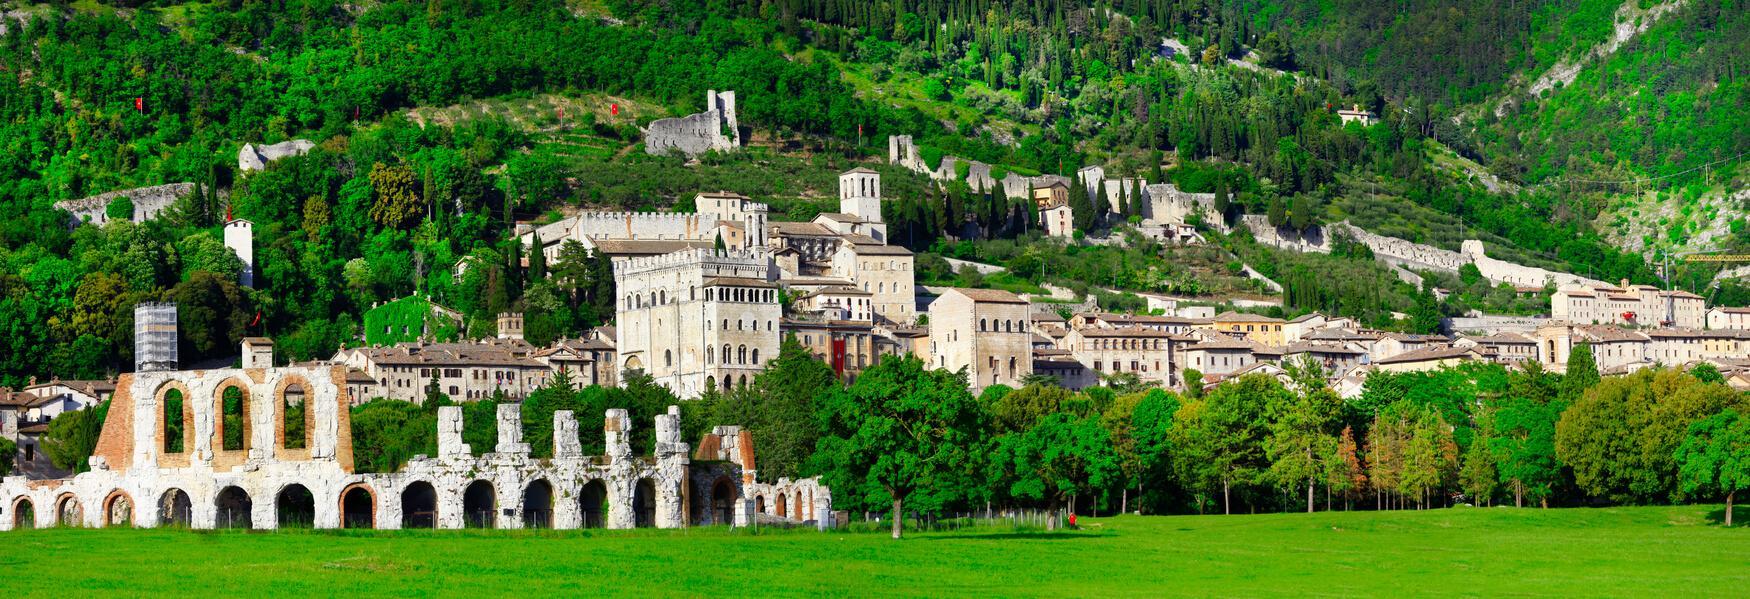 Gubbio Italia